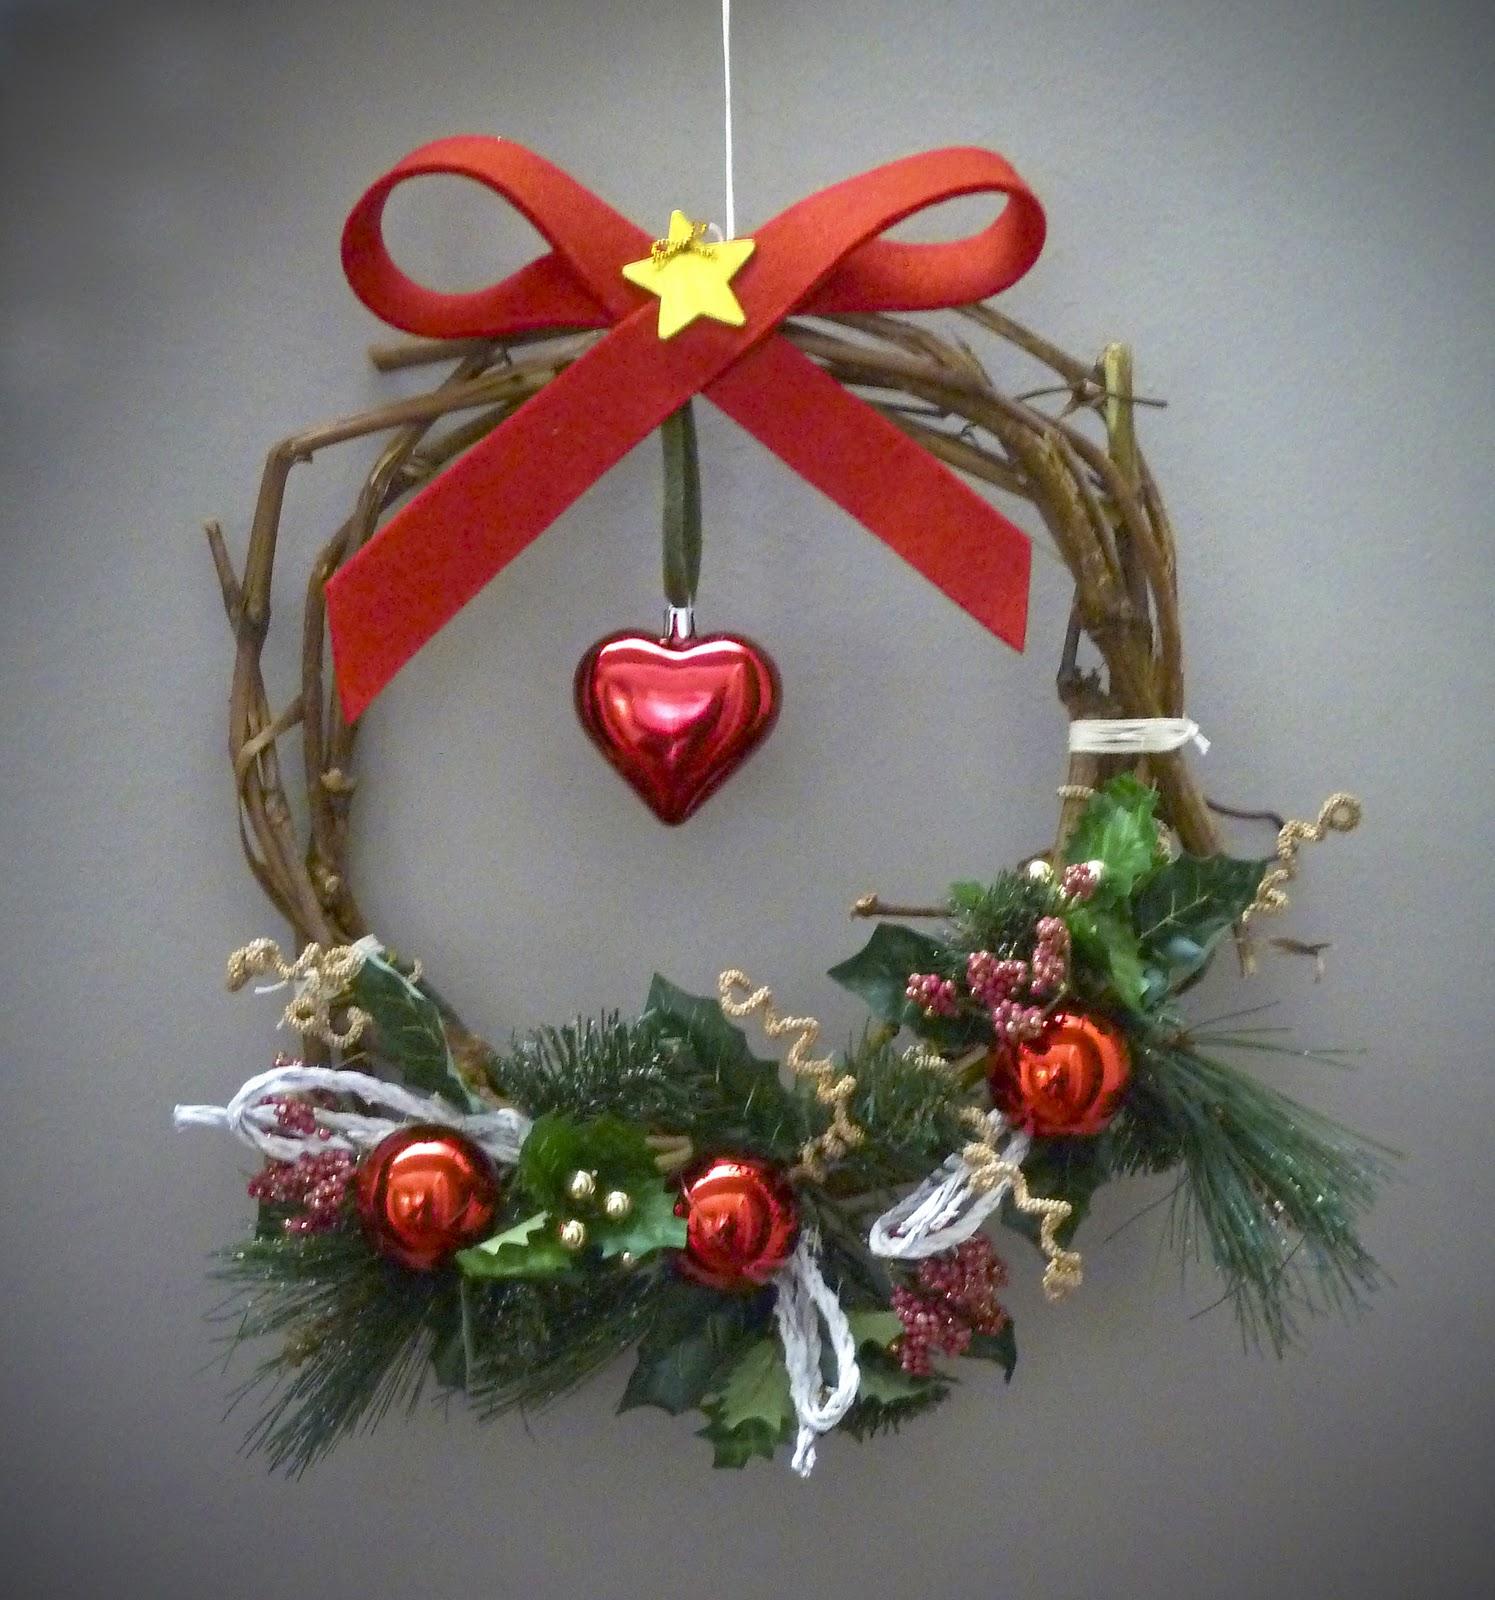 Punto fatto a mano ghirlanda natalizia - Ghirlanda porta natale ...